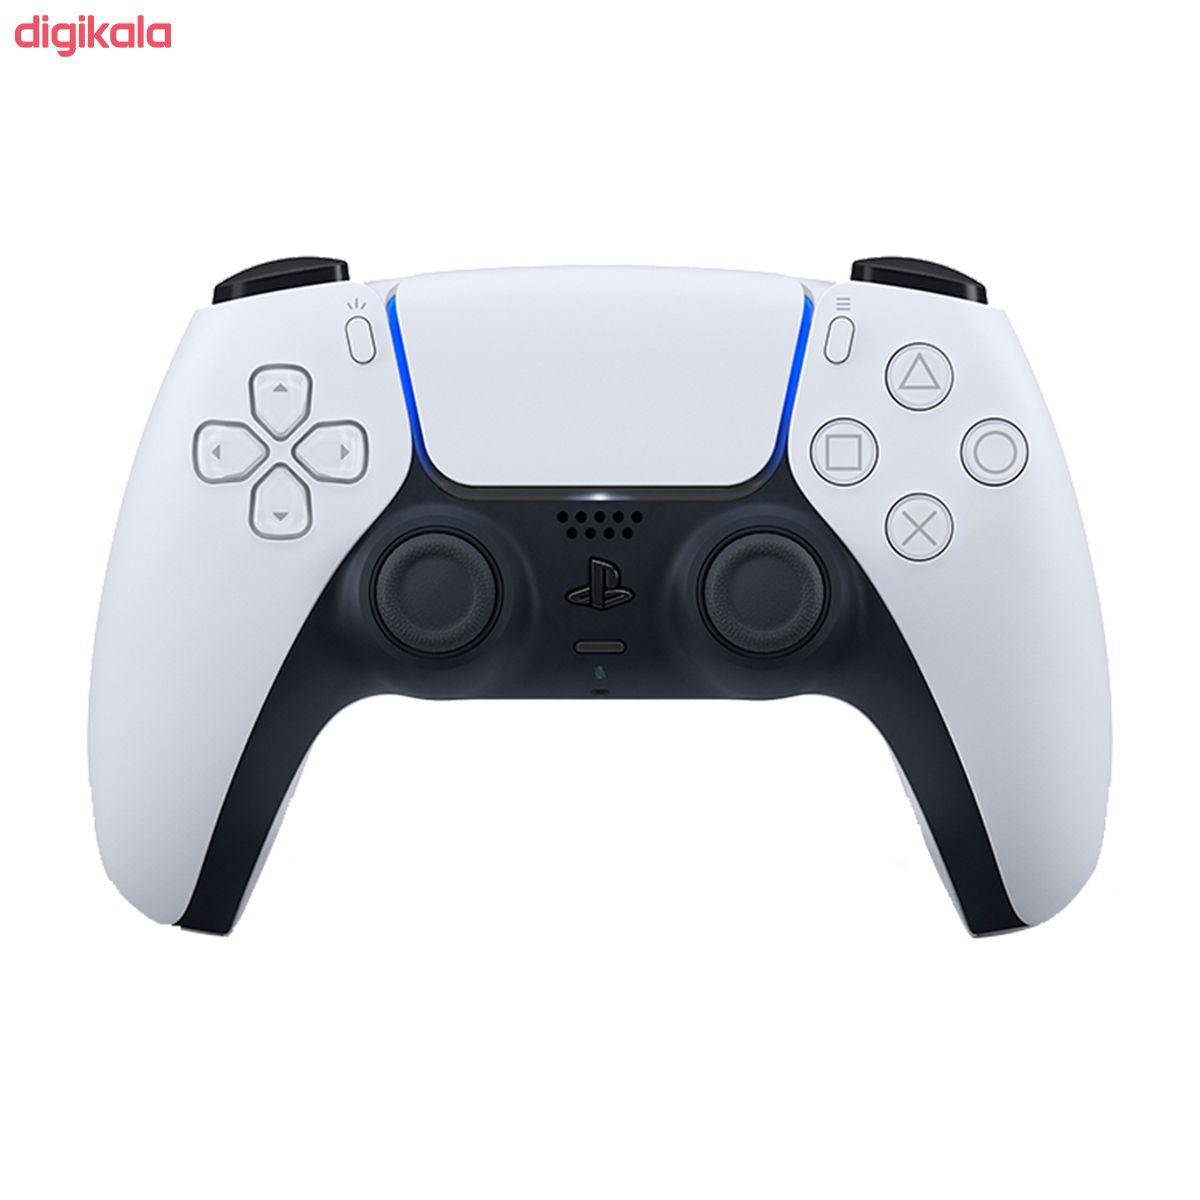 مجموعه کنسول بازی سونی مدل PlayStatio 5 Digital Edition ظرفیت 825 گیگابایت به همراه دسته اضافی main 1 1